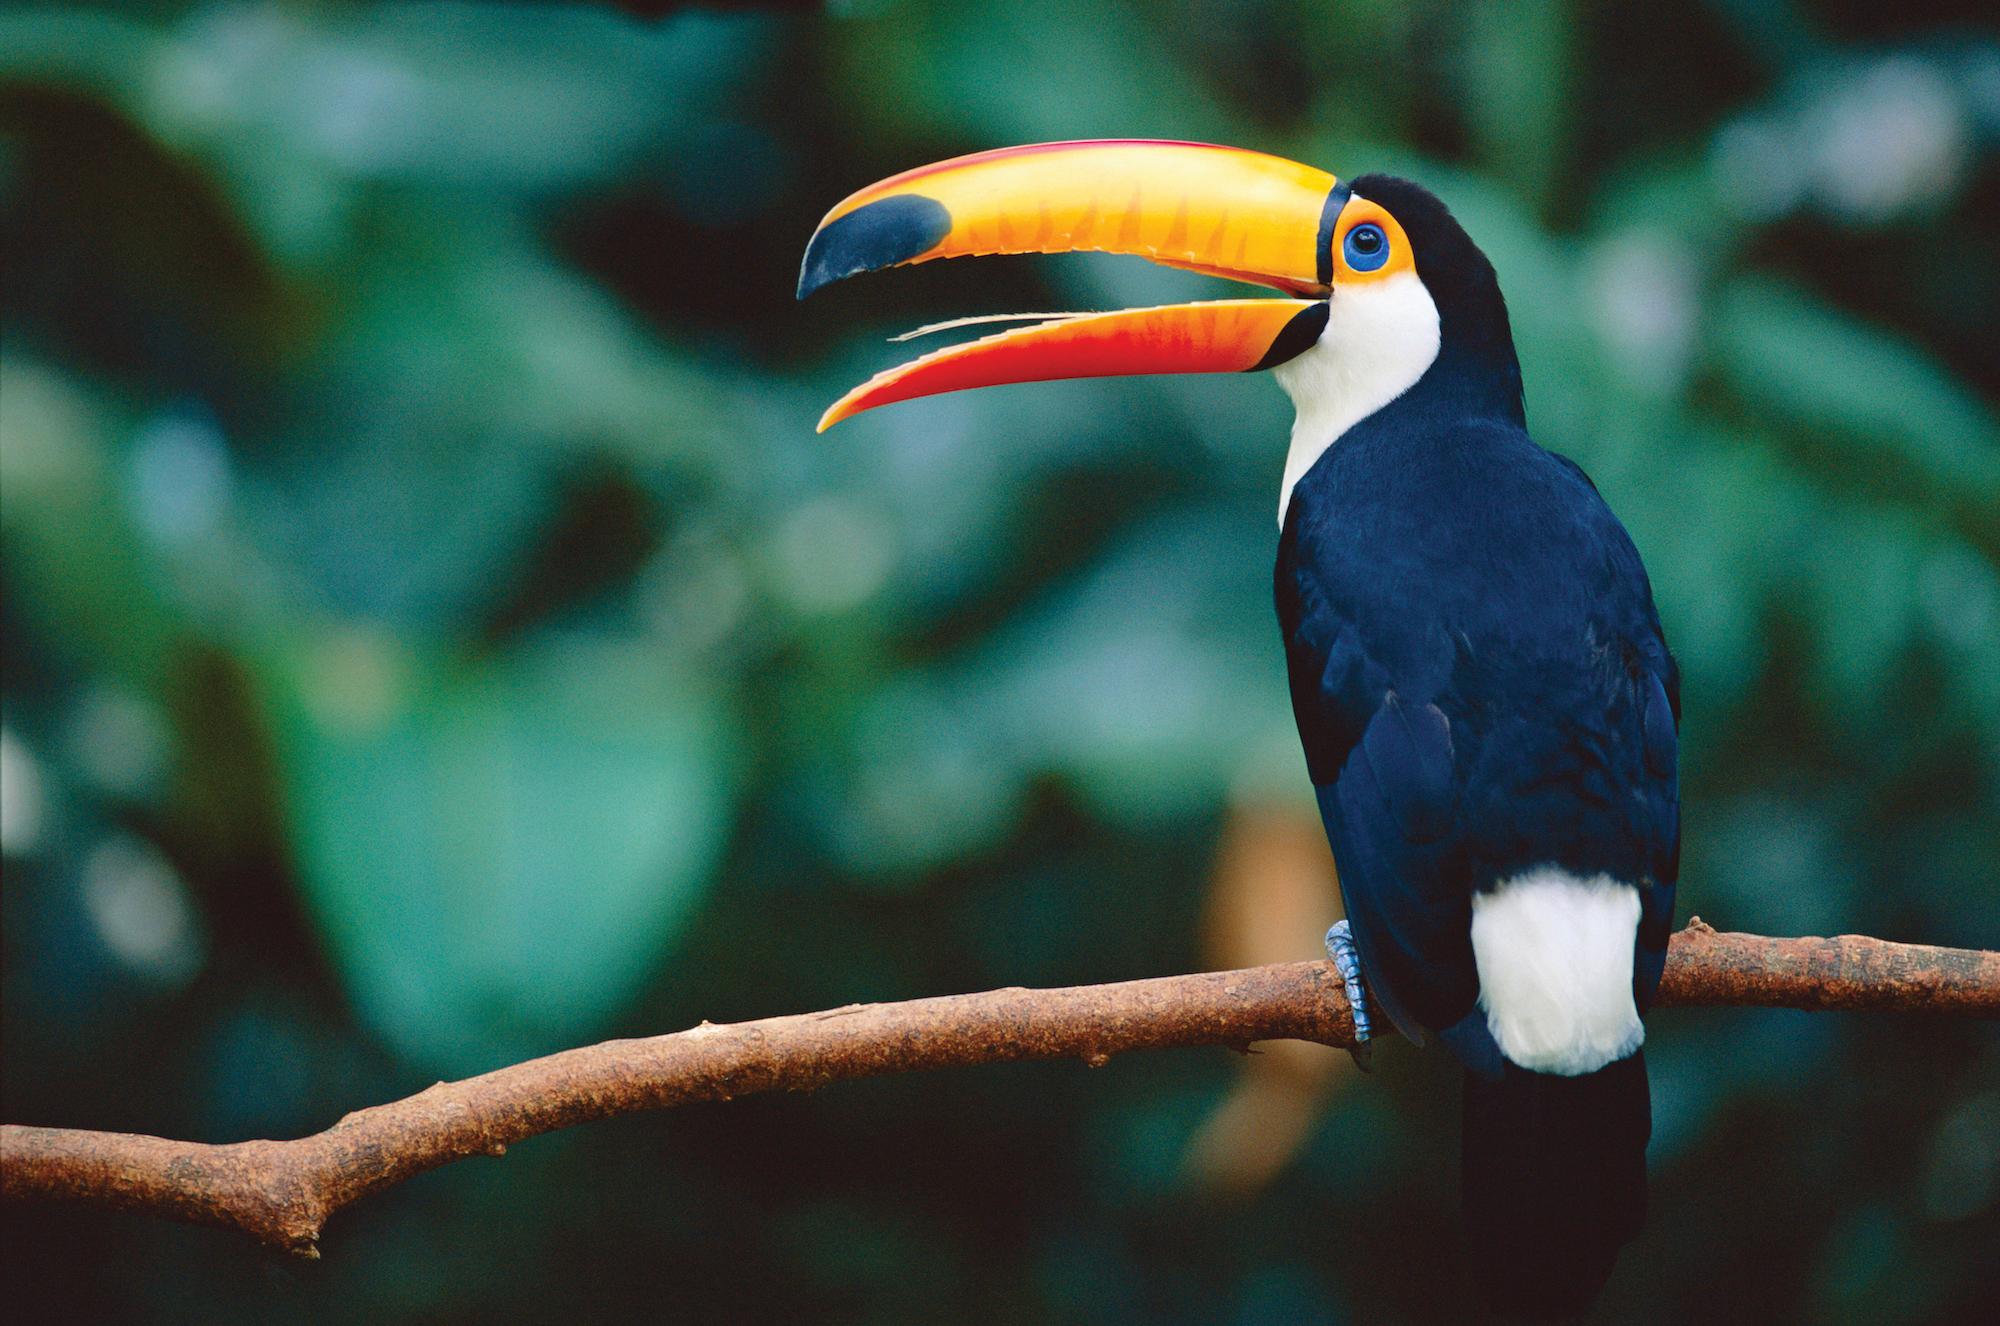 El comercio de aves de Sudamérica empezó a mediados del siglo XIX. Crédito: Staffan Widstrand / WWF